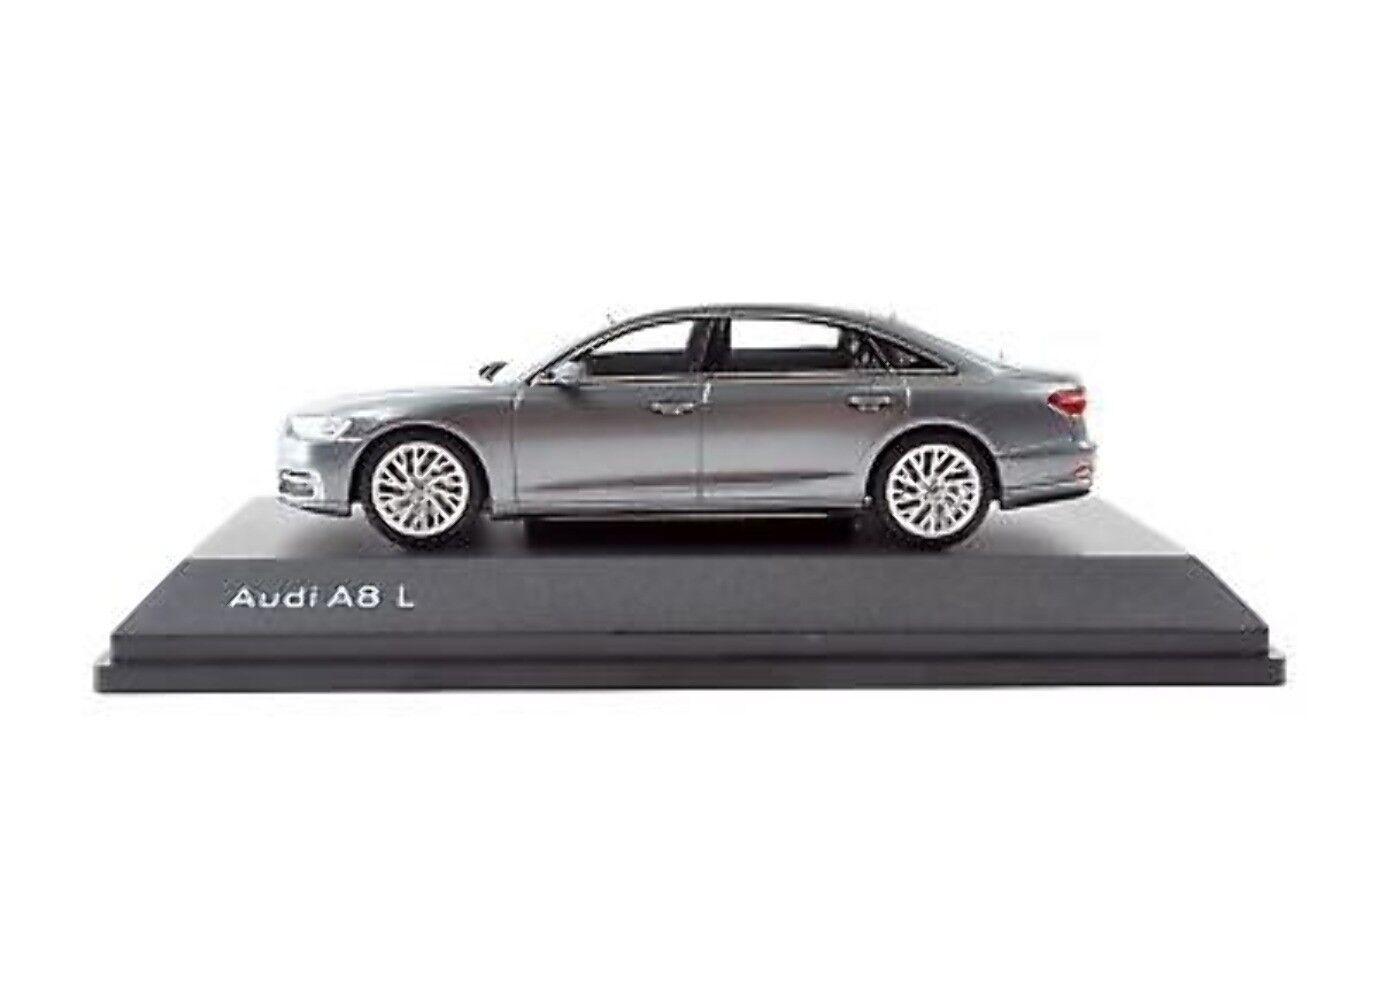 Audi a8 l, monsun, 1 43 5011708131